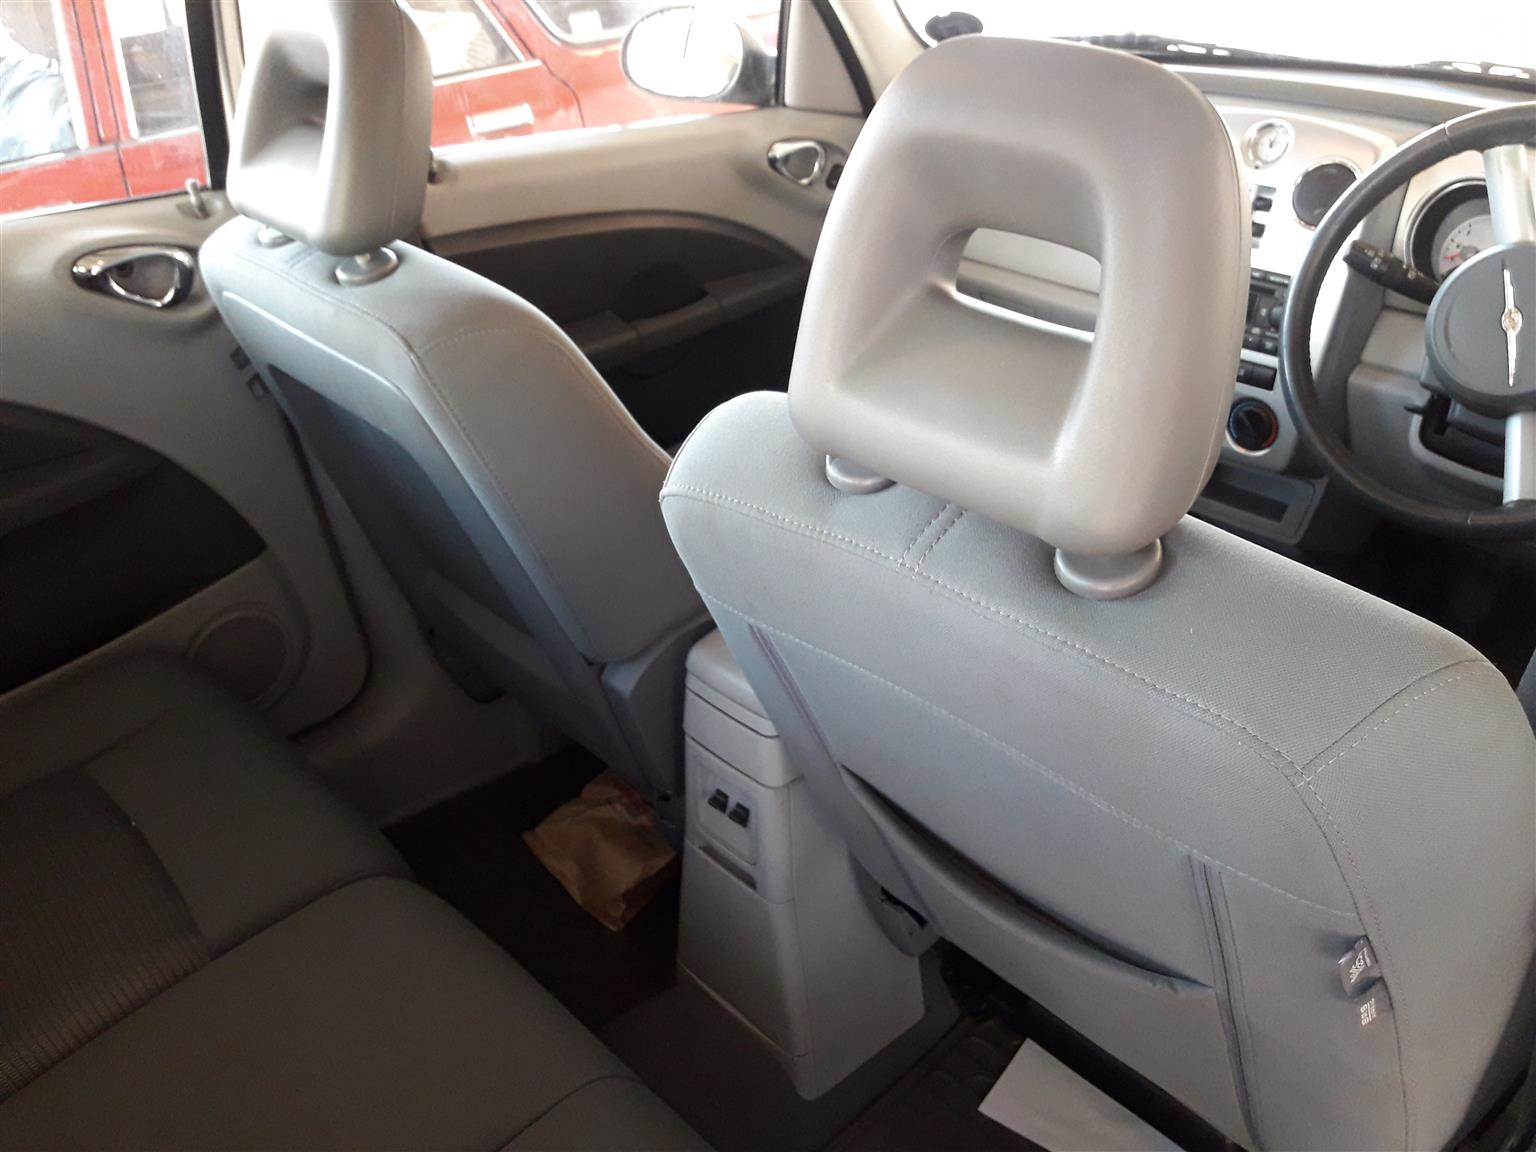 2007 Chrysler PT Cruiser 2.4 Limited